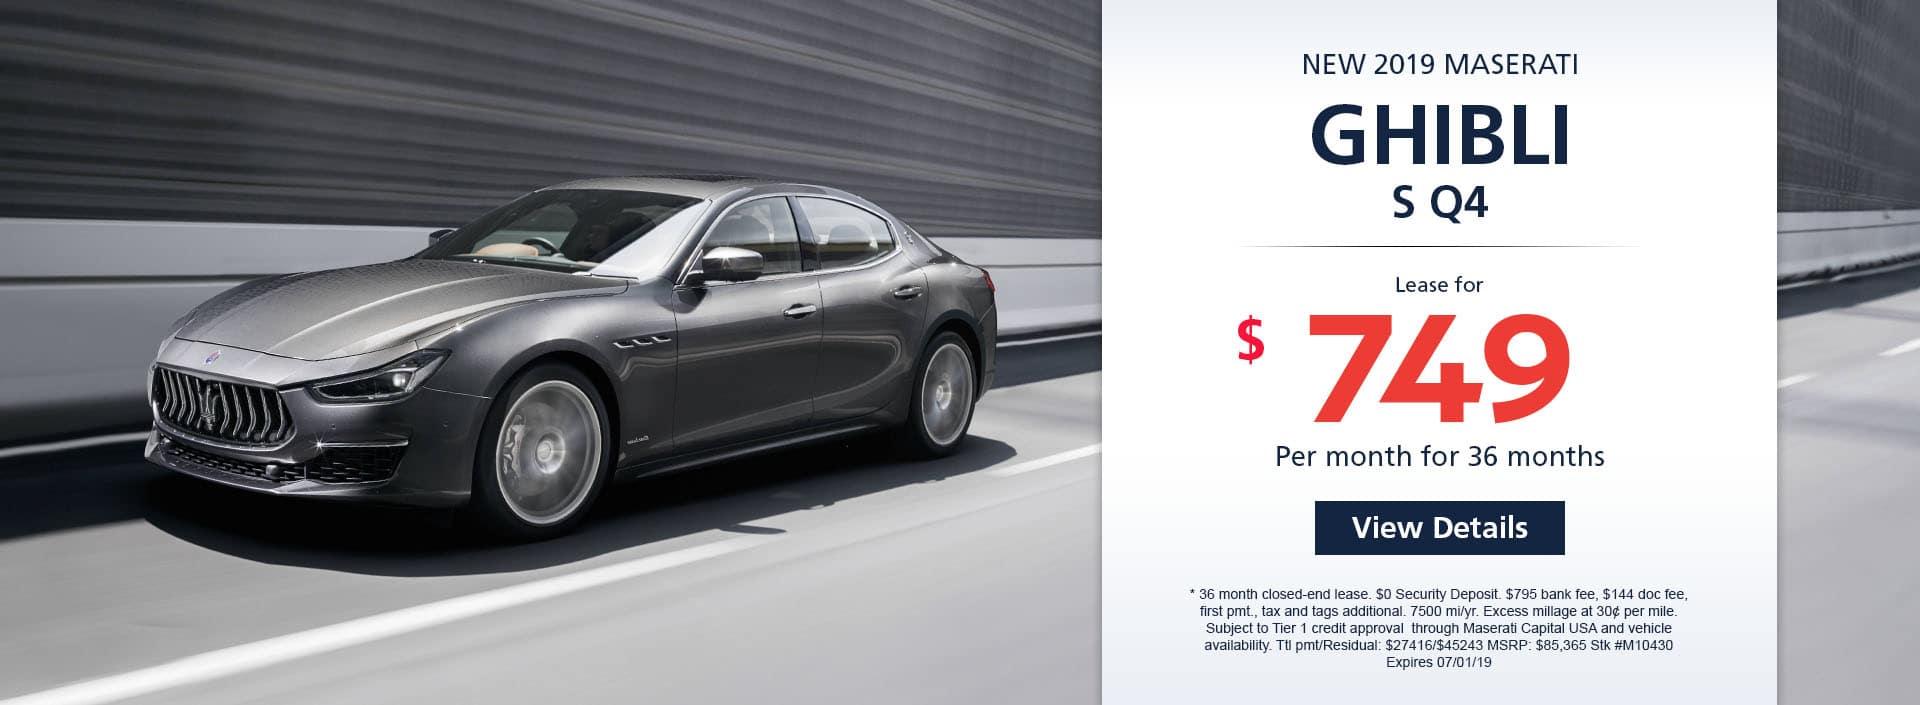 2019 Maserati Ghibli S Q4 Lease For $749.